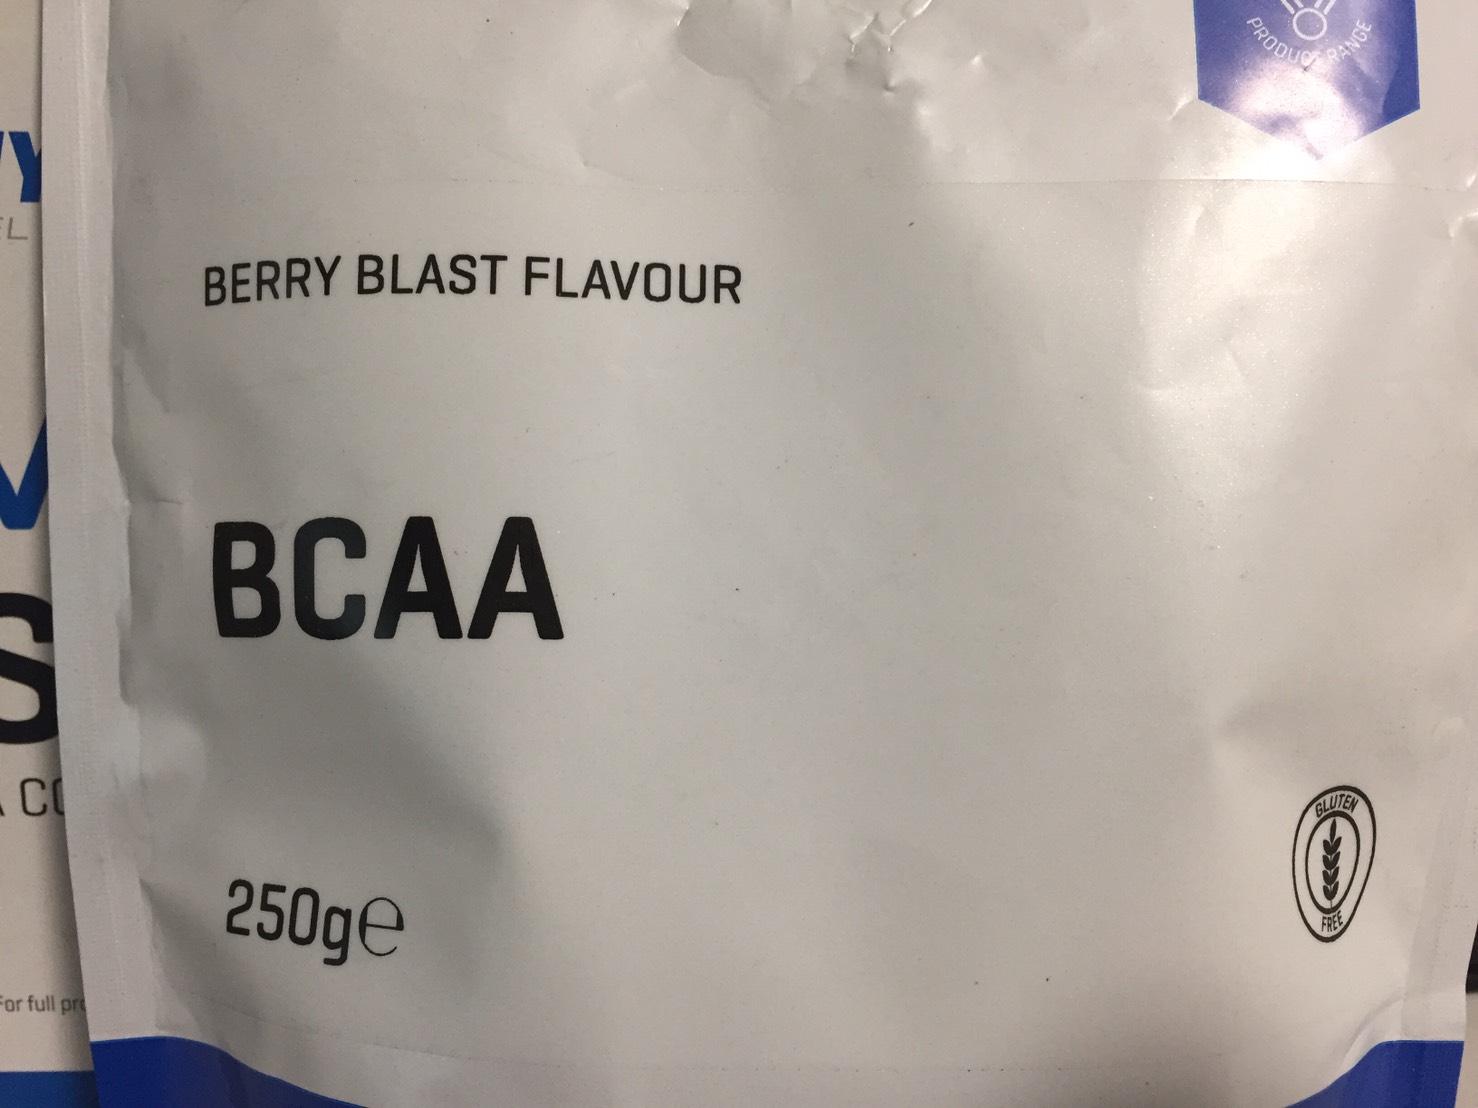 BCAA「ベリーブラスト味(BERRY BLAST FLAVOUR)」のパッケージ